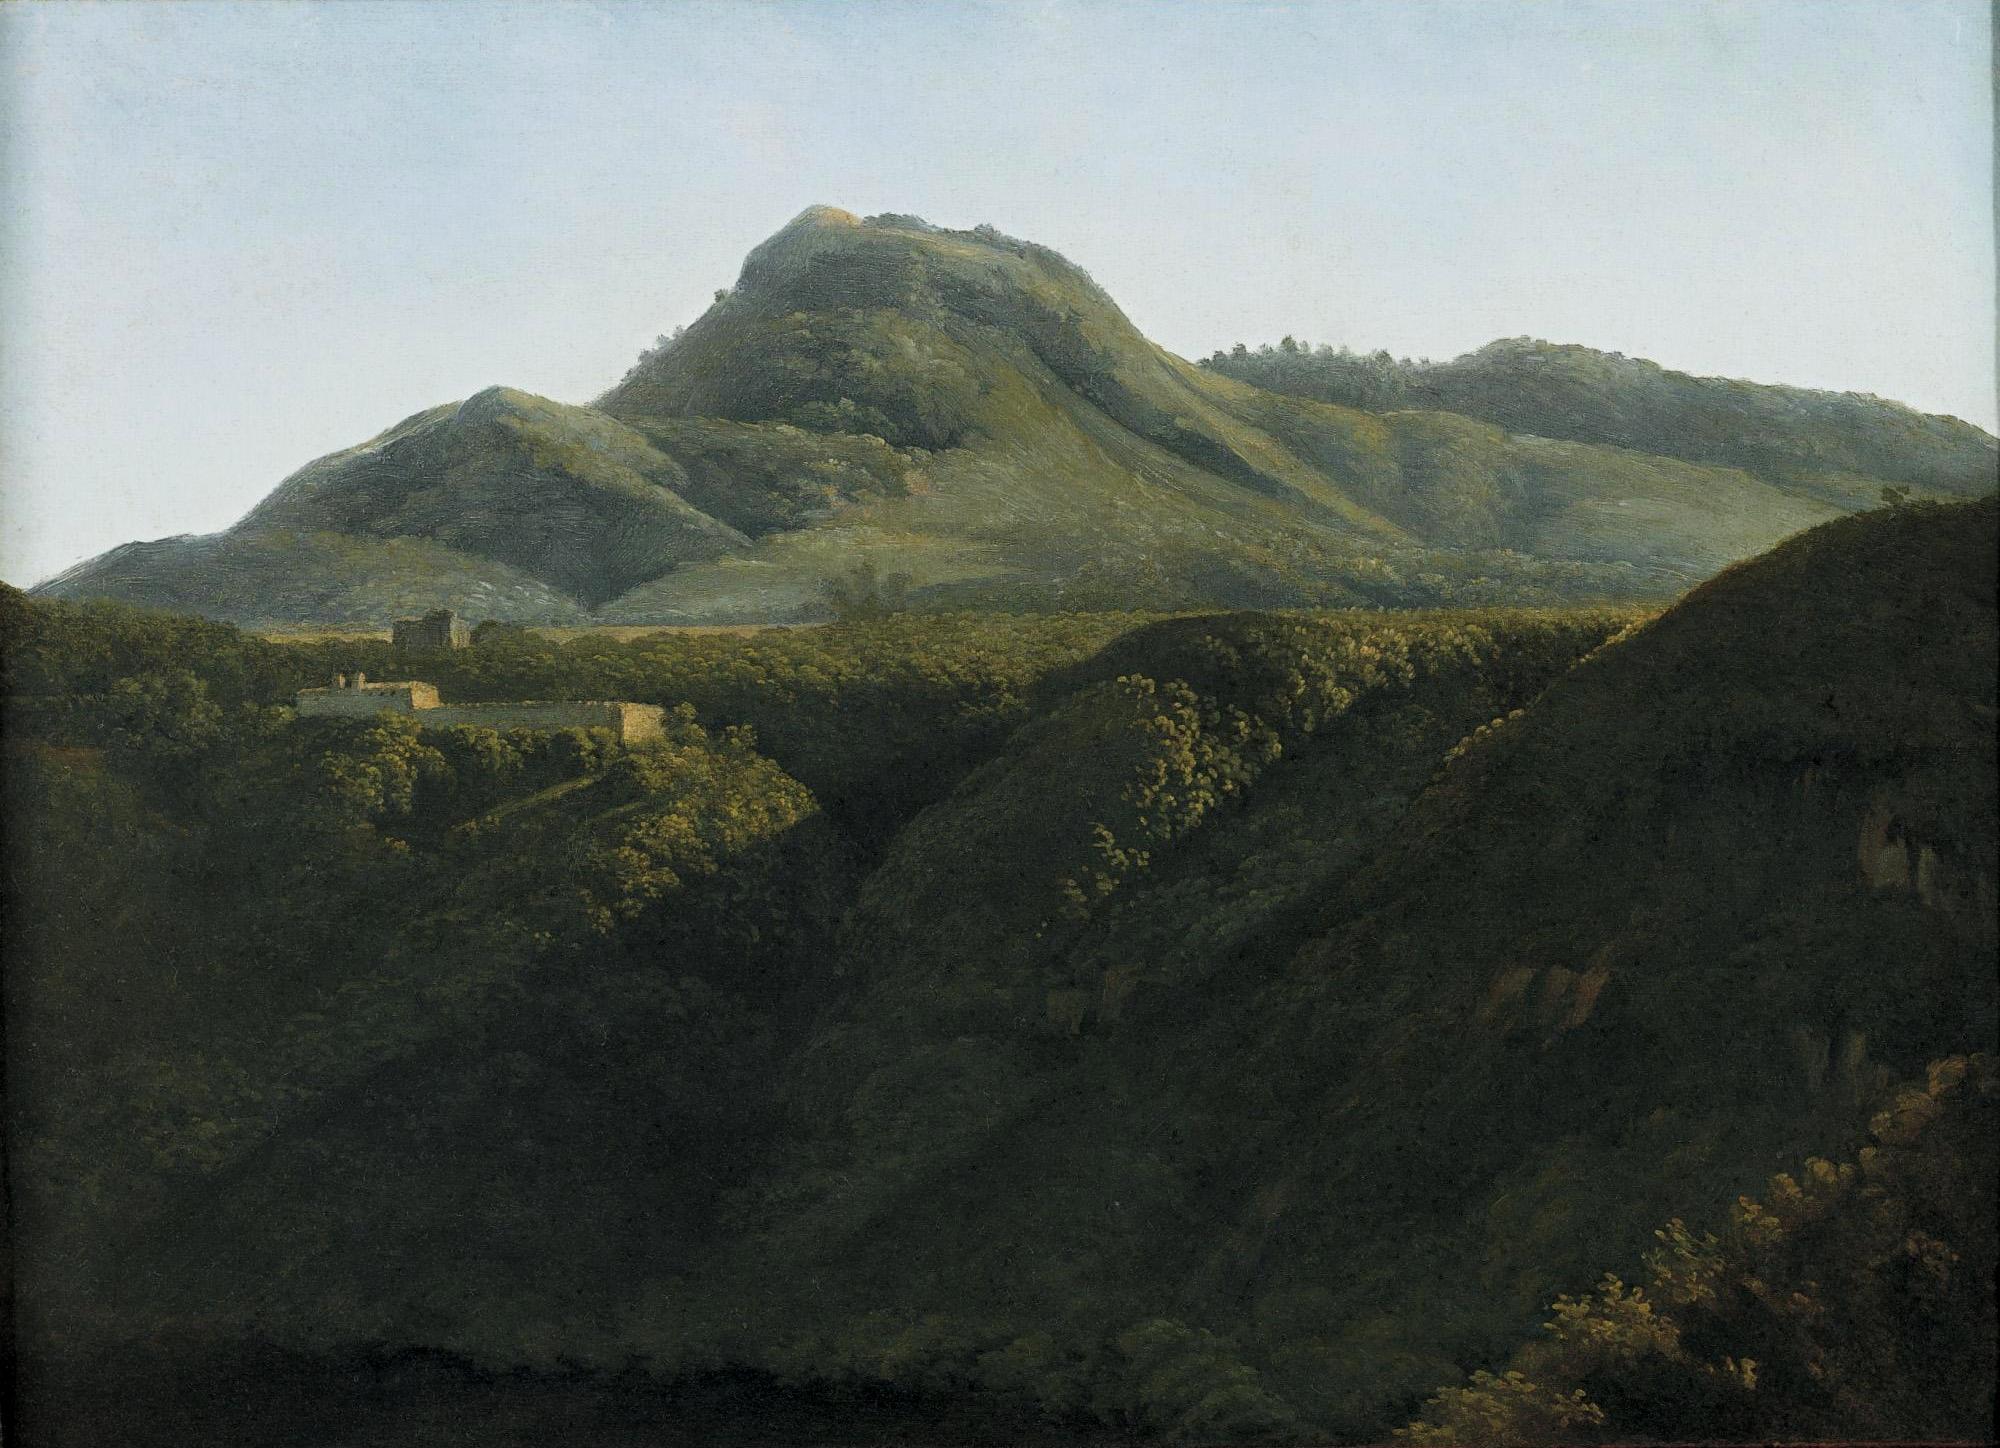 Paysage 2000 tout file:jean-joseph-xavier bidauld - lever de soleil sur un paysage